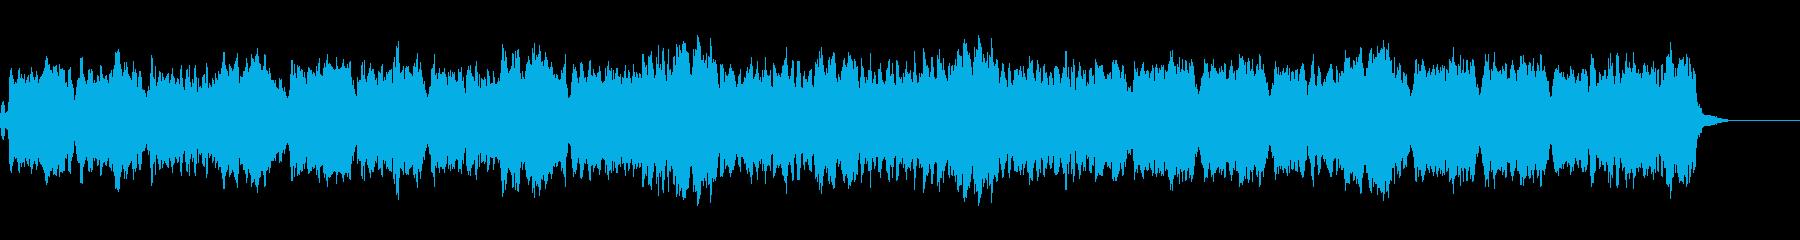 ハリウッド「速くて壮大」オーケストラaの再生済みの波形